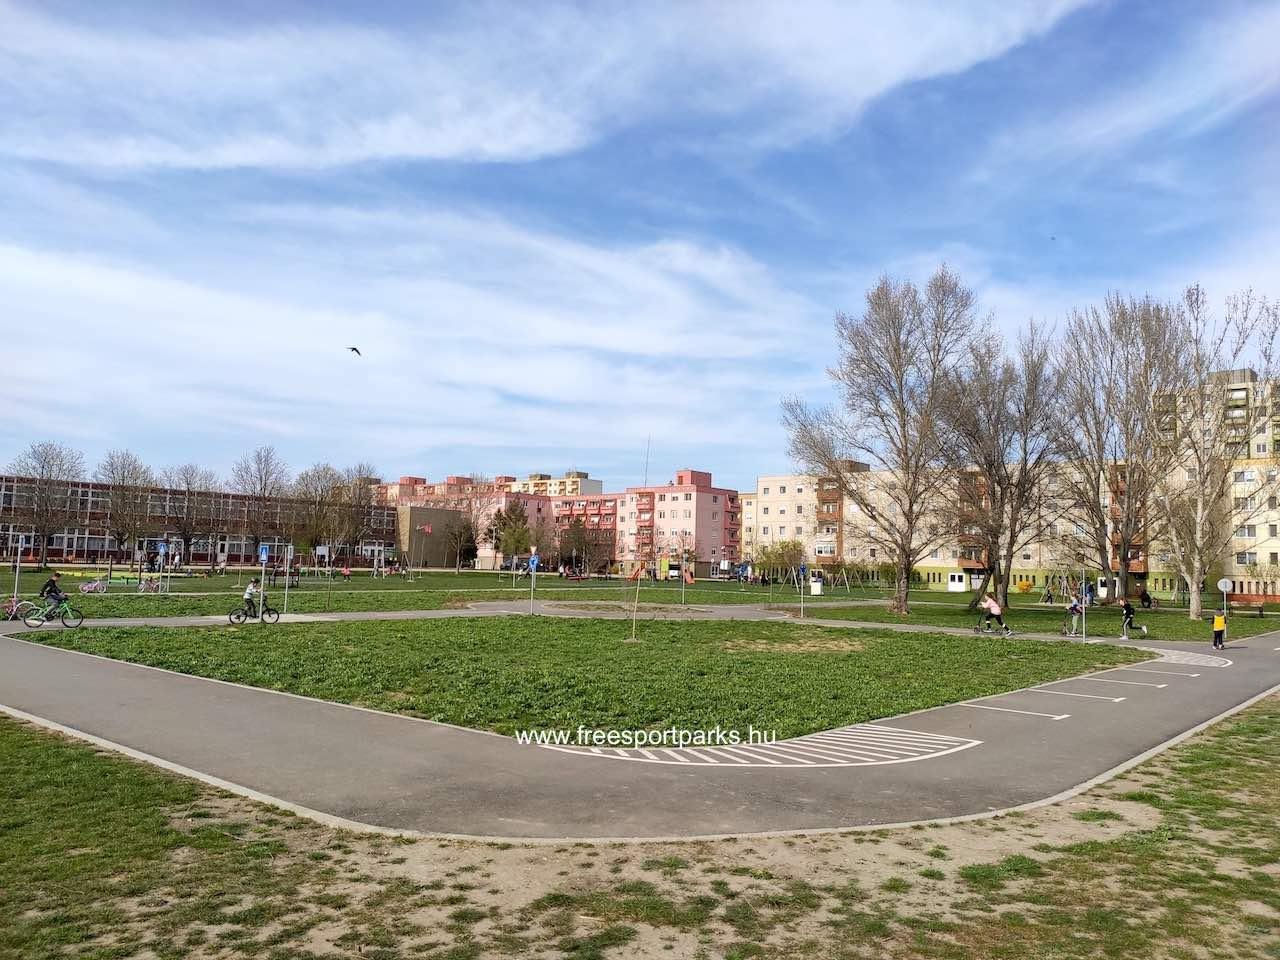 kreszpark a Palotavárosi szabadidőpark közepén